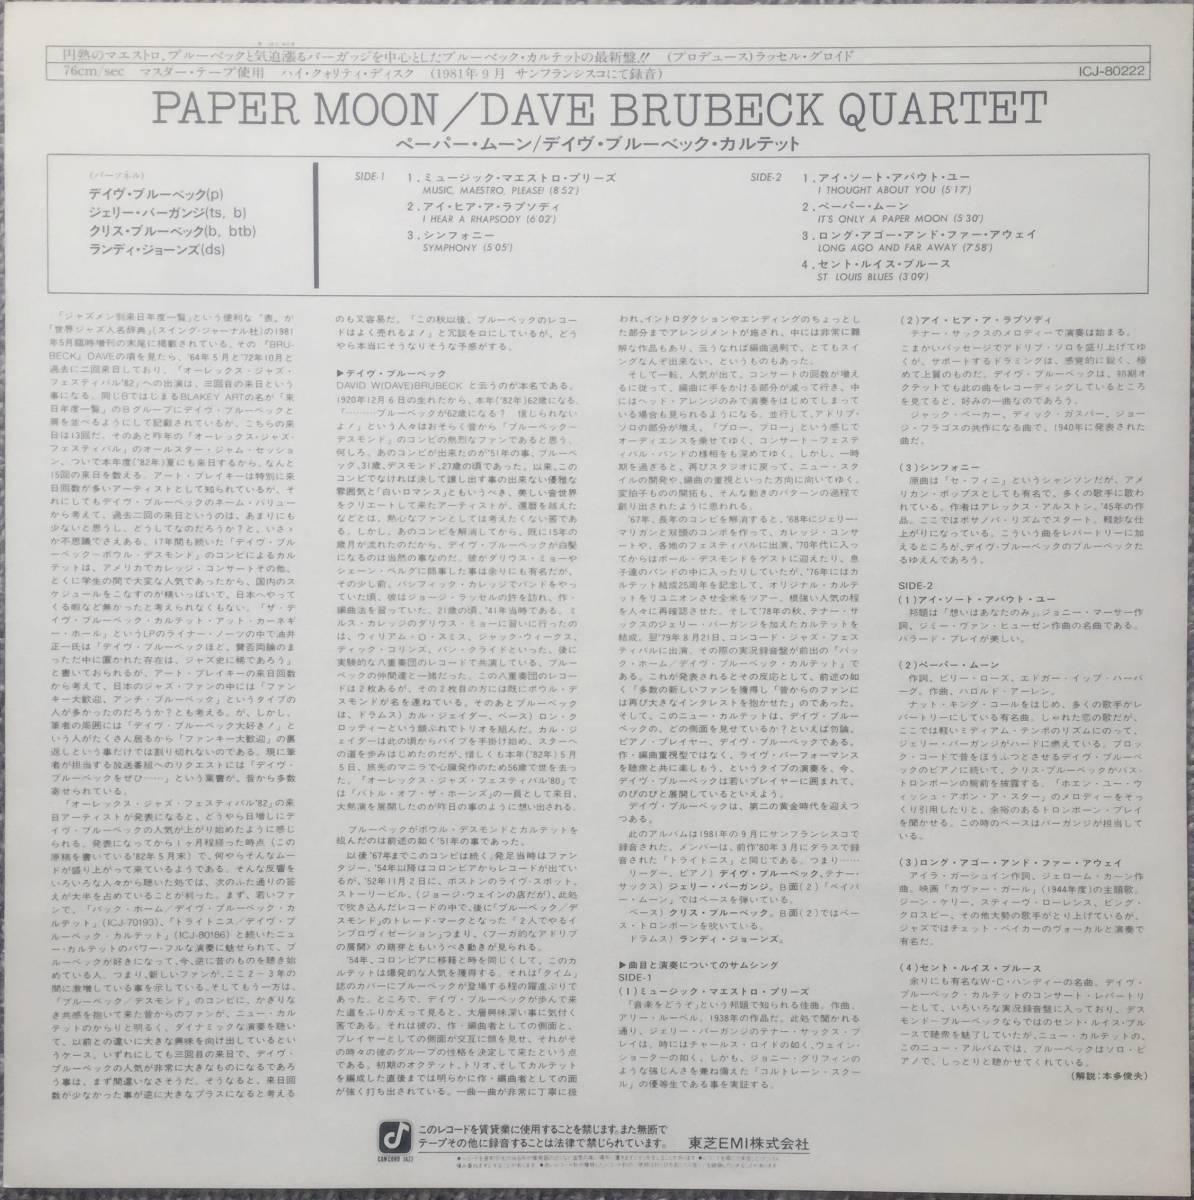 帯付き 極美盤 見本盤 The Dave Brubeck Quartet Paper Moon 白ラベル 非売品 PROMO インサート完備 JAZZ RARE GROOVE ジャズ LP レア 国内_画像3